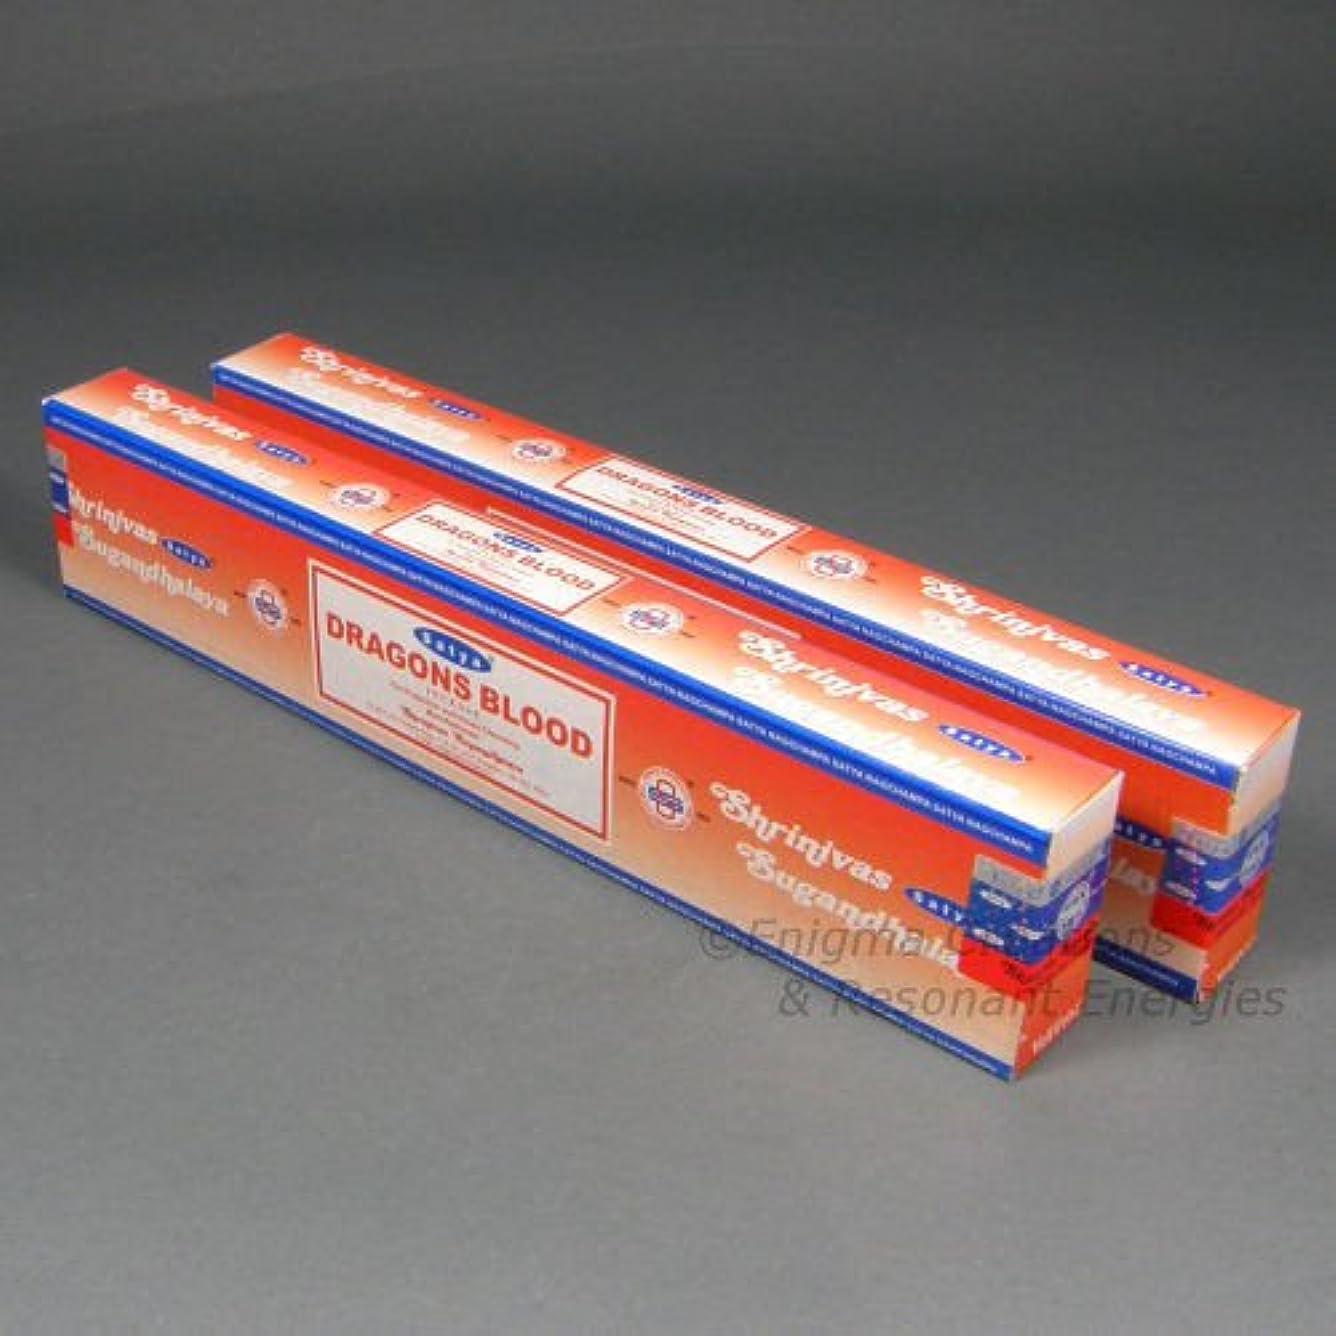 時間歌詞マットレスSatya Dragon 's Blood Incense Sticks, 2 x 15グラムボックス、合計30グラム – (in239 )